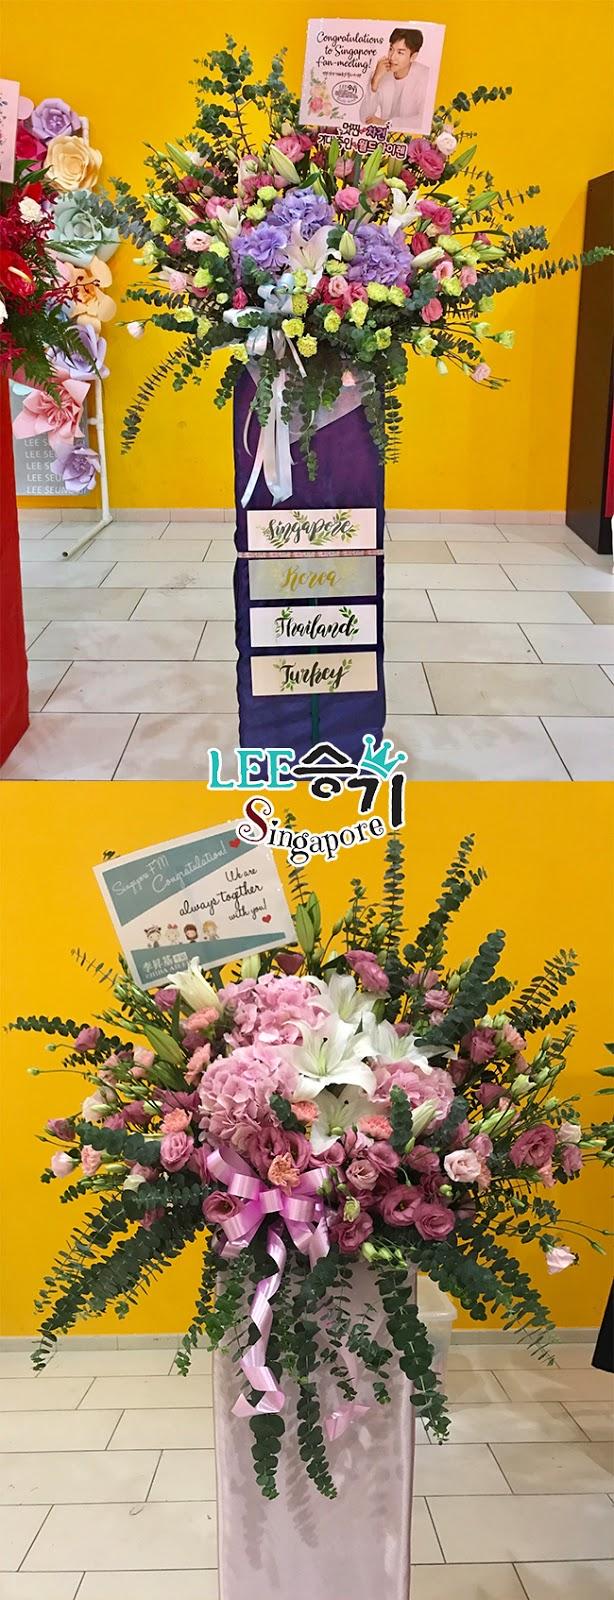 ♥ 이승기 싱가폴 ♥ Lee Seung Gi Singapore: Lee Seung Gi